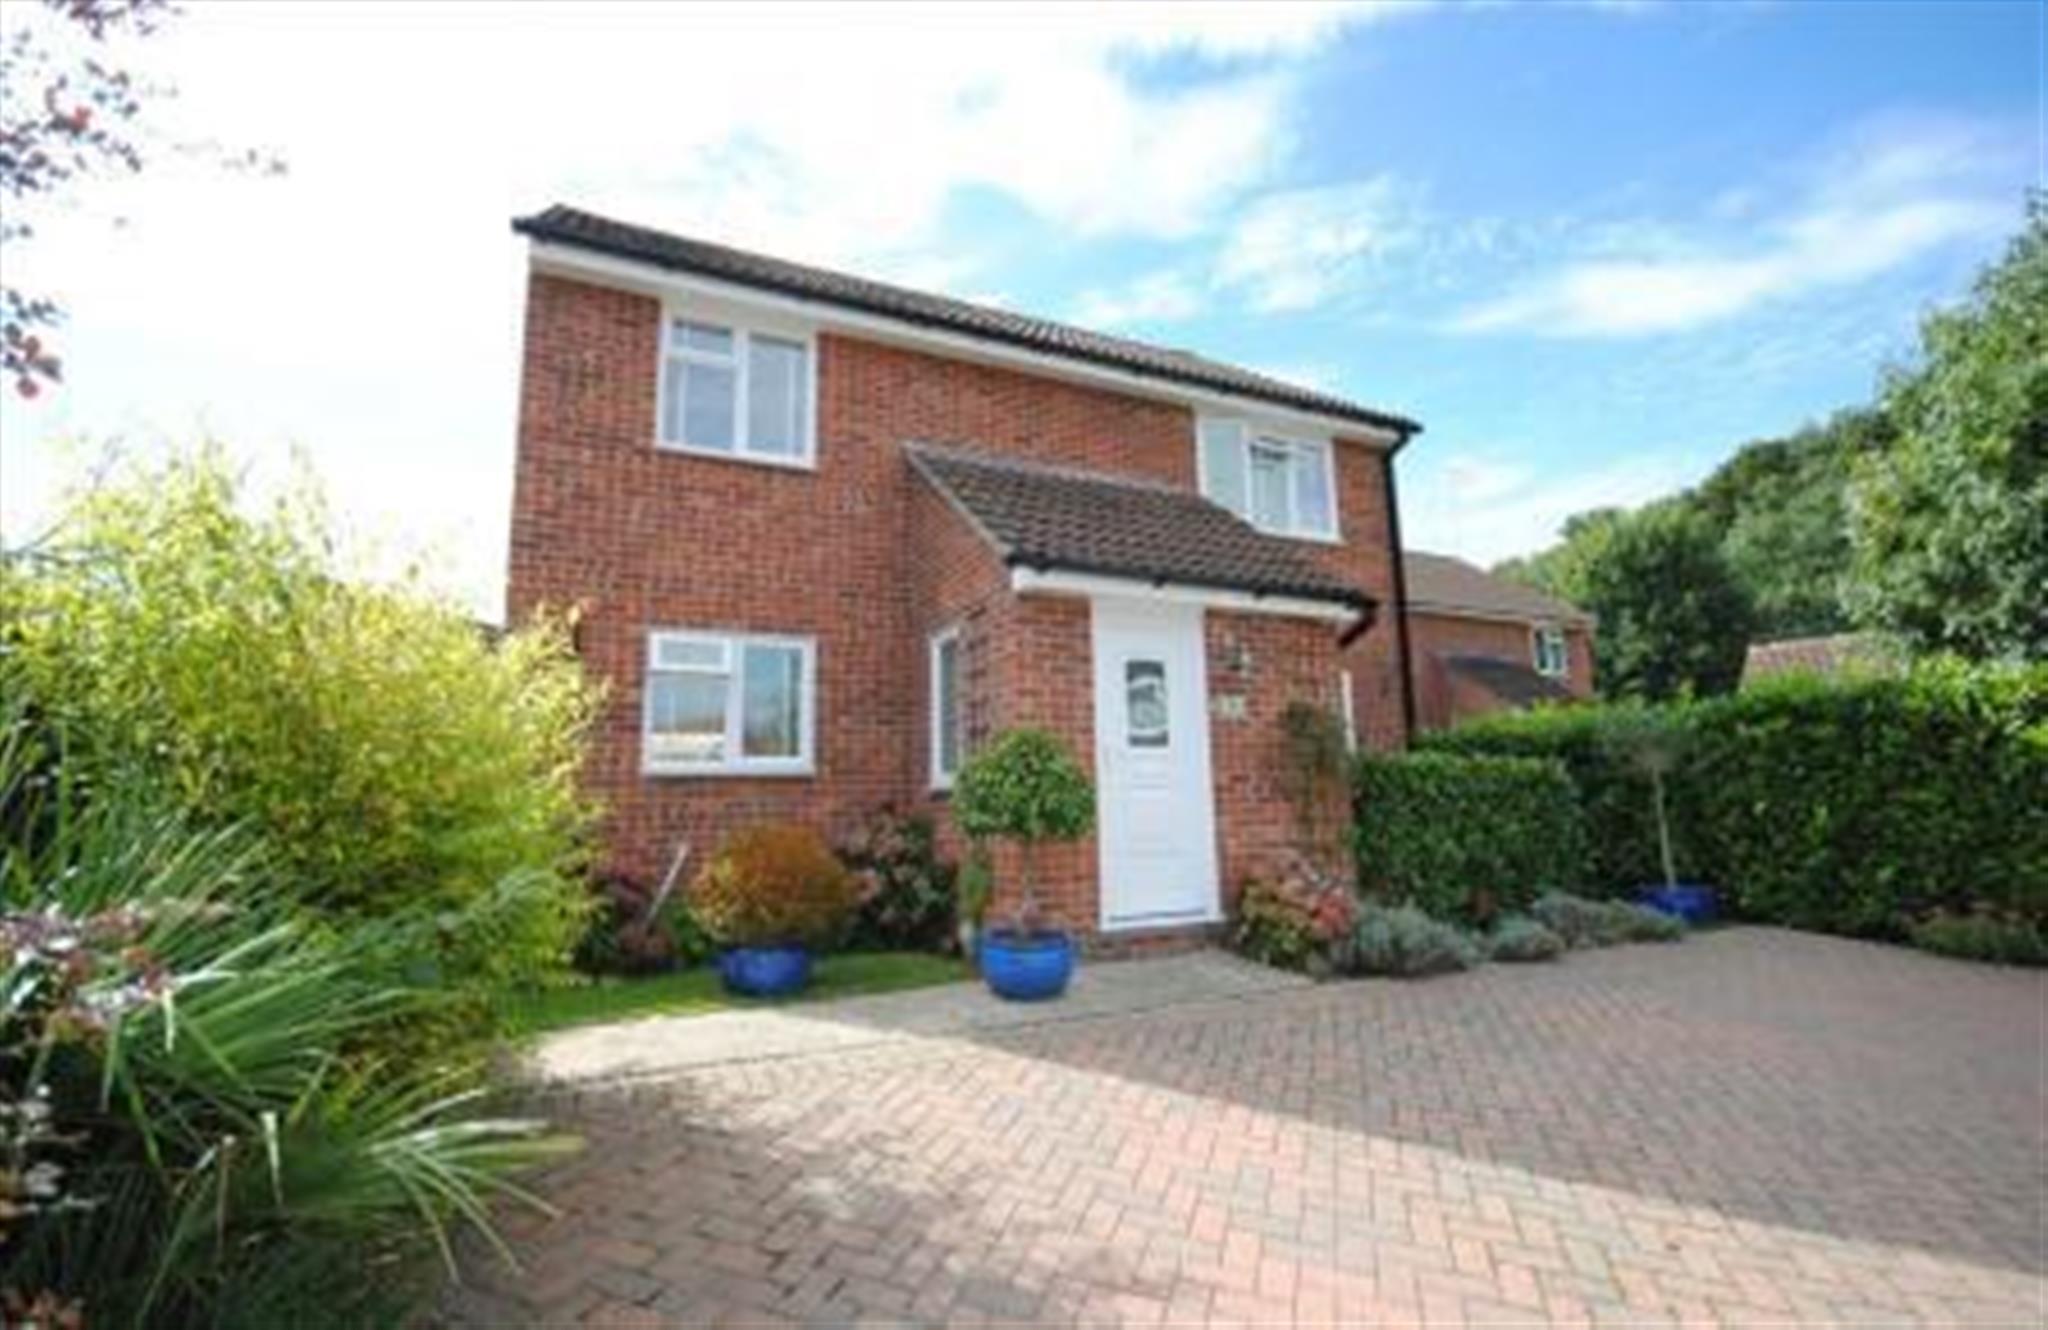 Bedroom Properties To Rent In Colchester